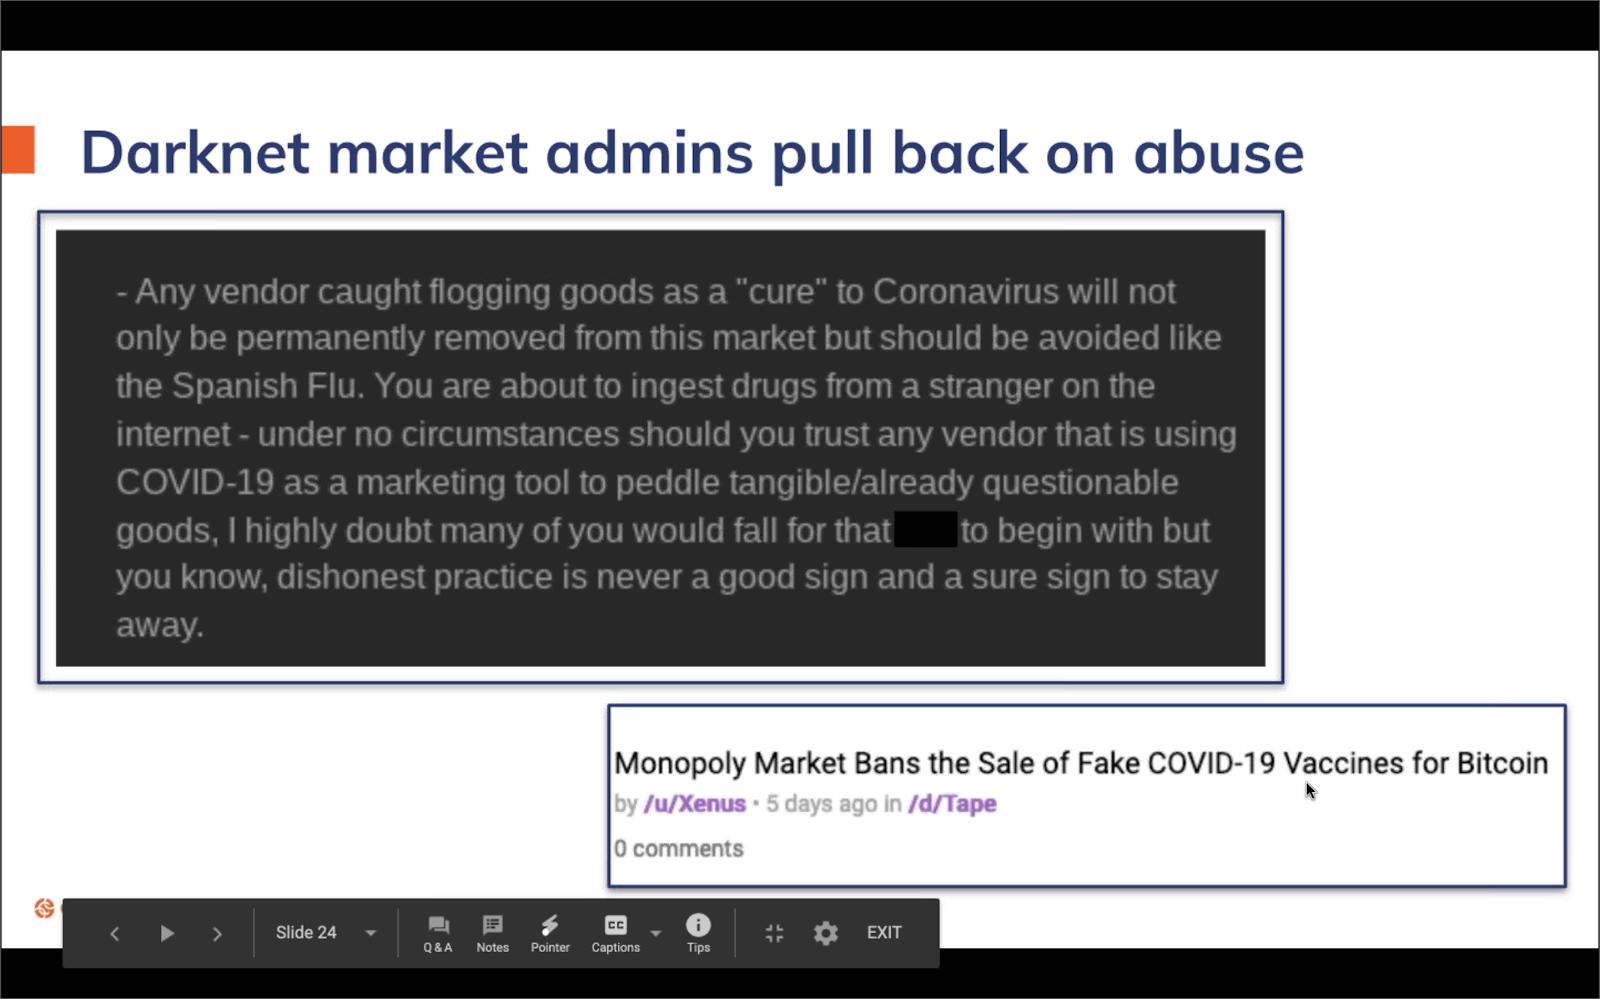 Alcuni marketplace sul dark net hanno vietato annunci legati al coronavirus